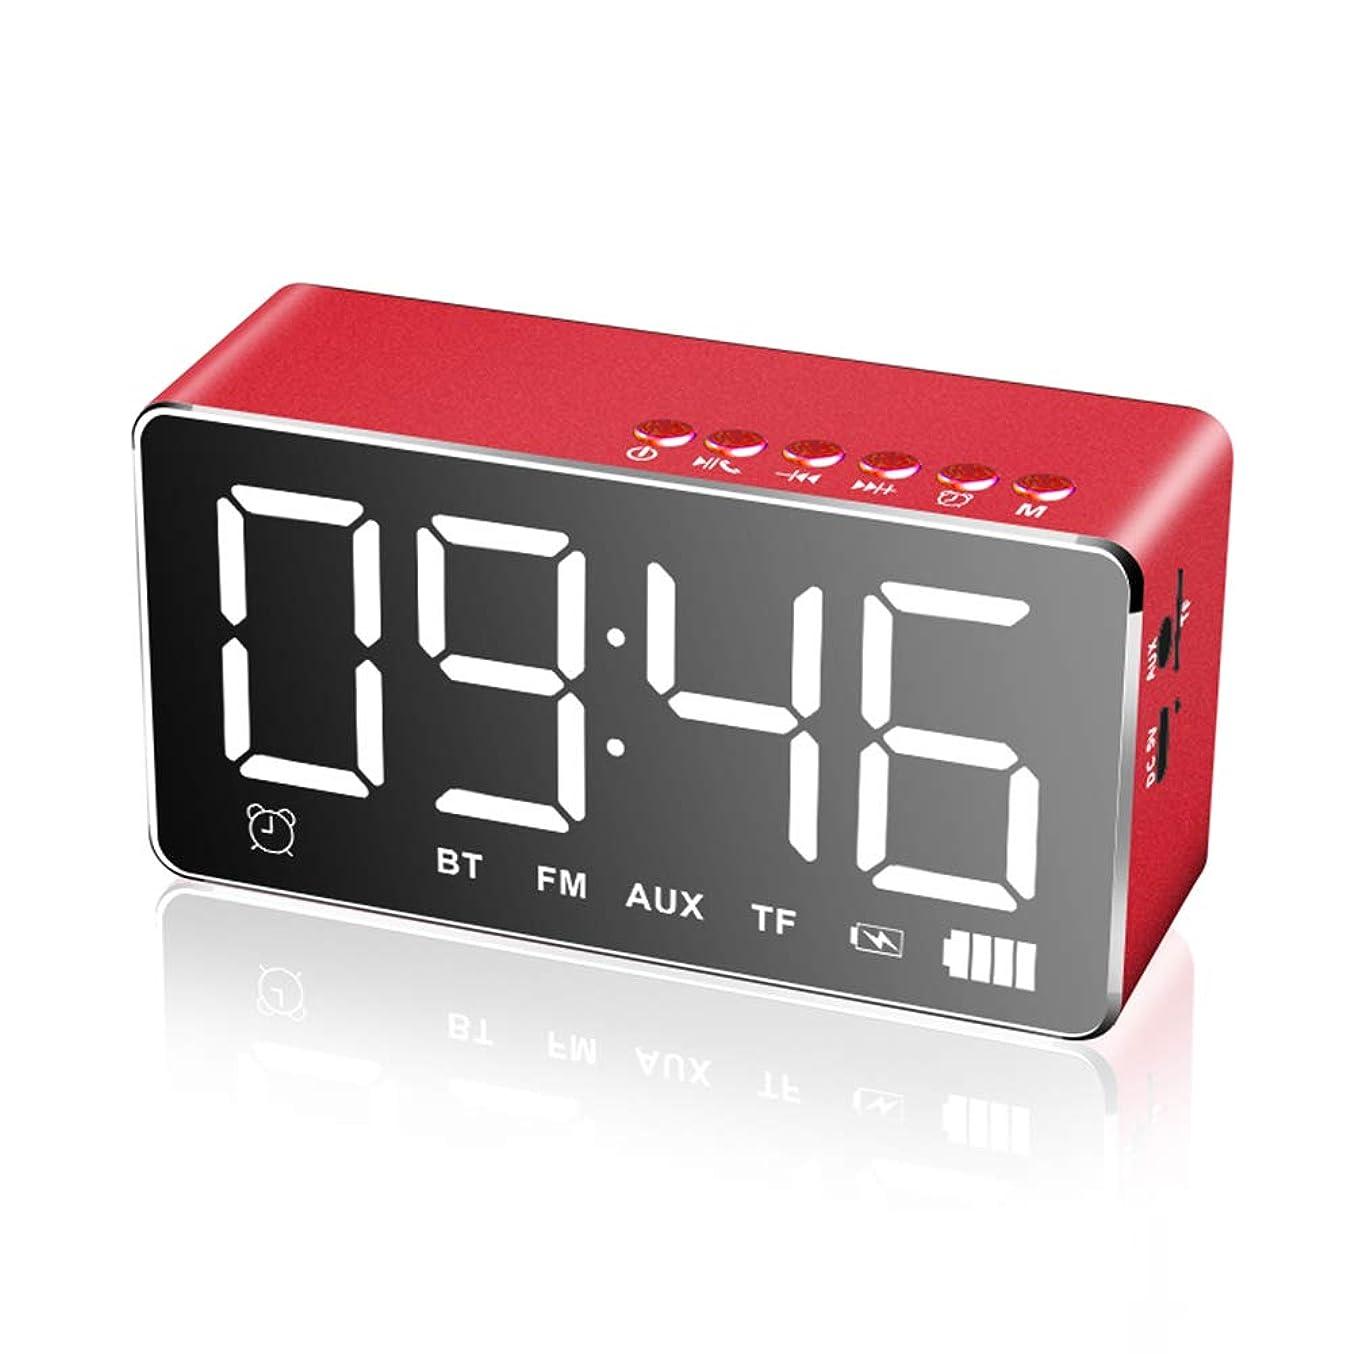 ストライクがんばり続ける警察デジタル目覚まし時計 FM ラジオと USB ポート充電温度計 LED デジタル目覚まし時計は、ベッドサイドの寝室のオフィスのためのタッチマルチ機能によって活性化,Red